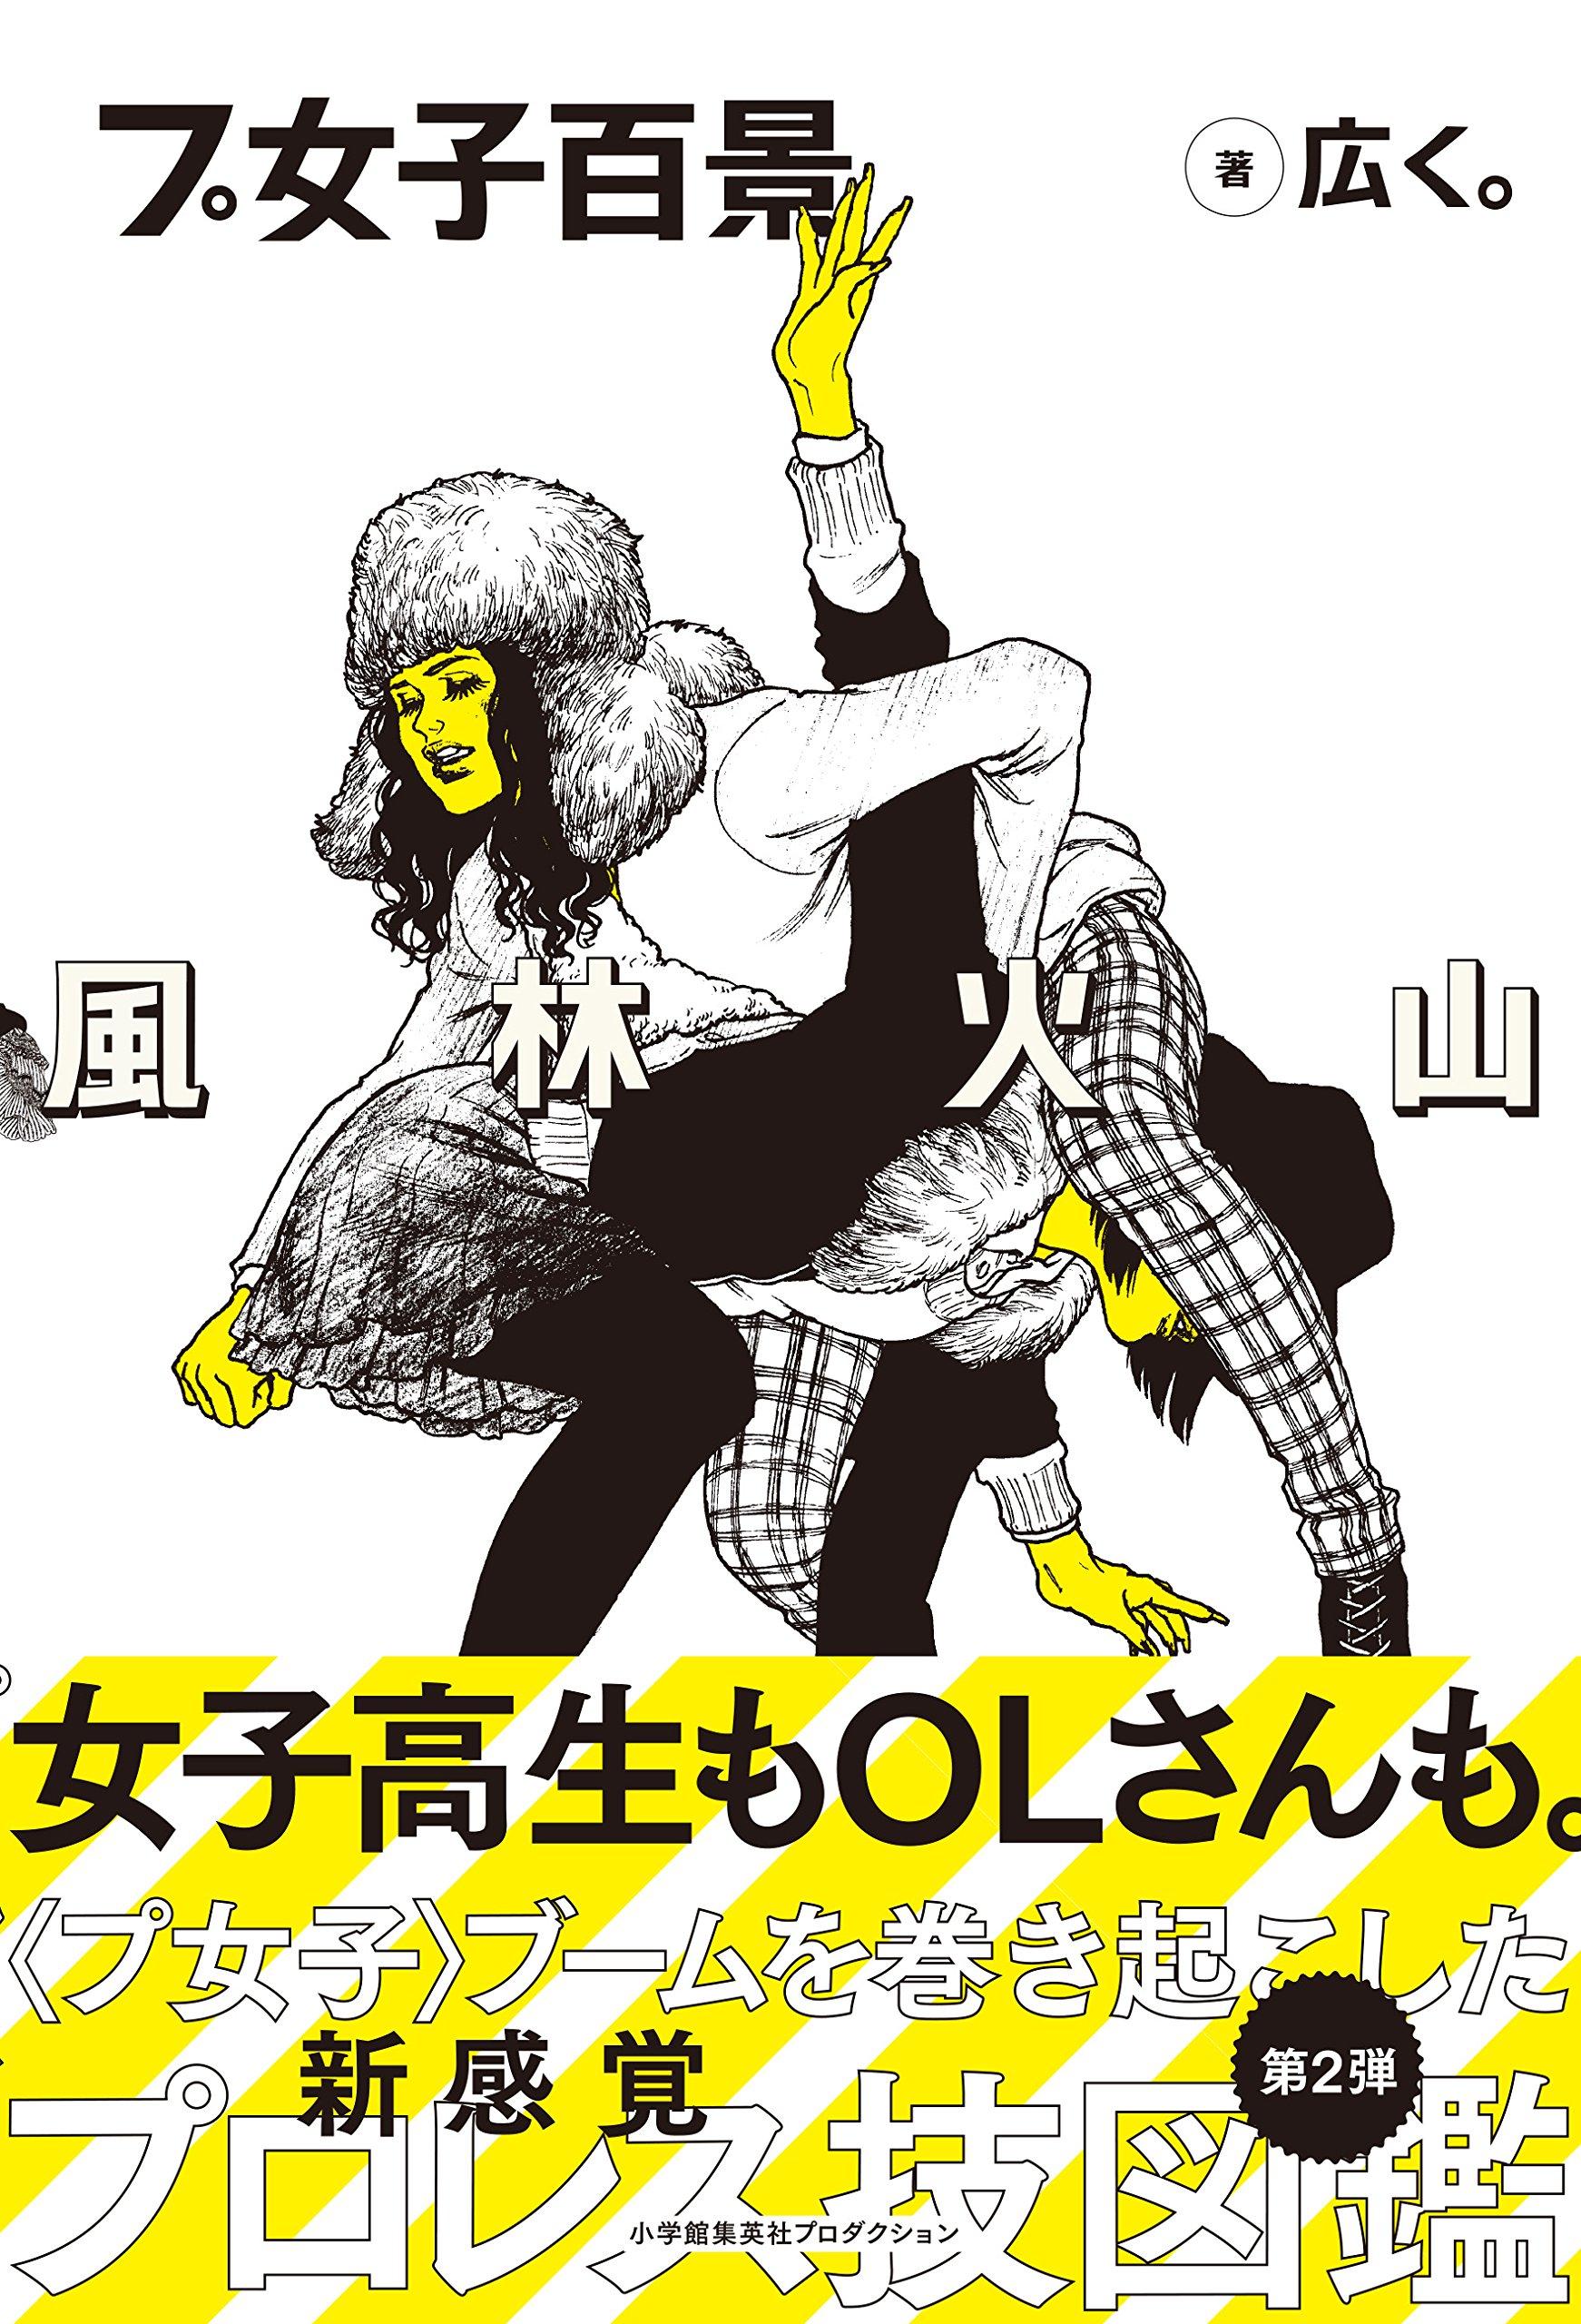 プ女子百景 風林火山 (ShoPro books) 広く。 (著)